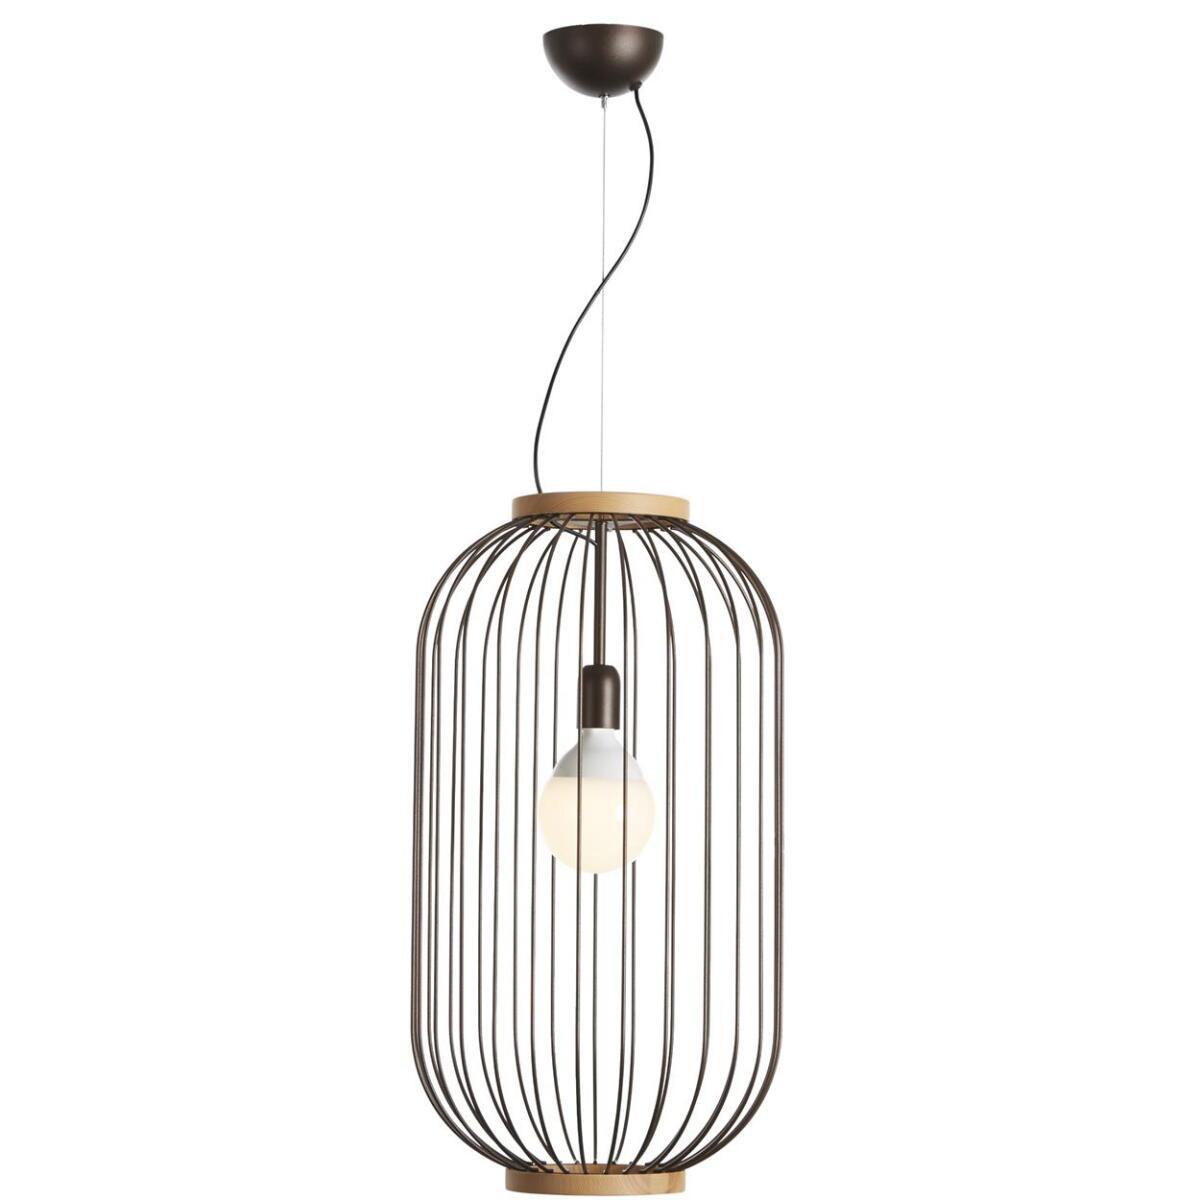 chaplin pendelleuchte oval 35cm 299 00. Black Bedroom Furniture Sets. Home Design Ideas